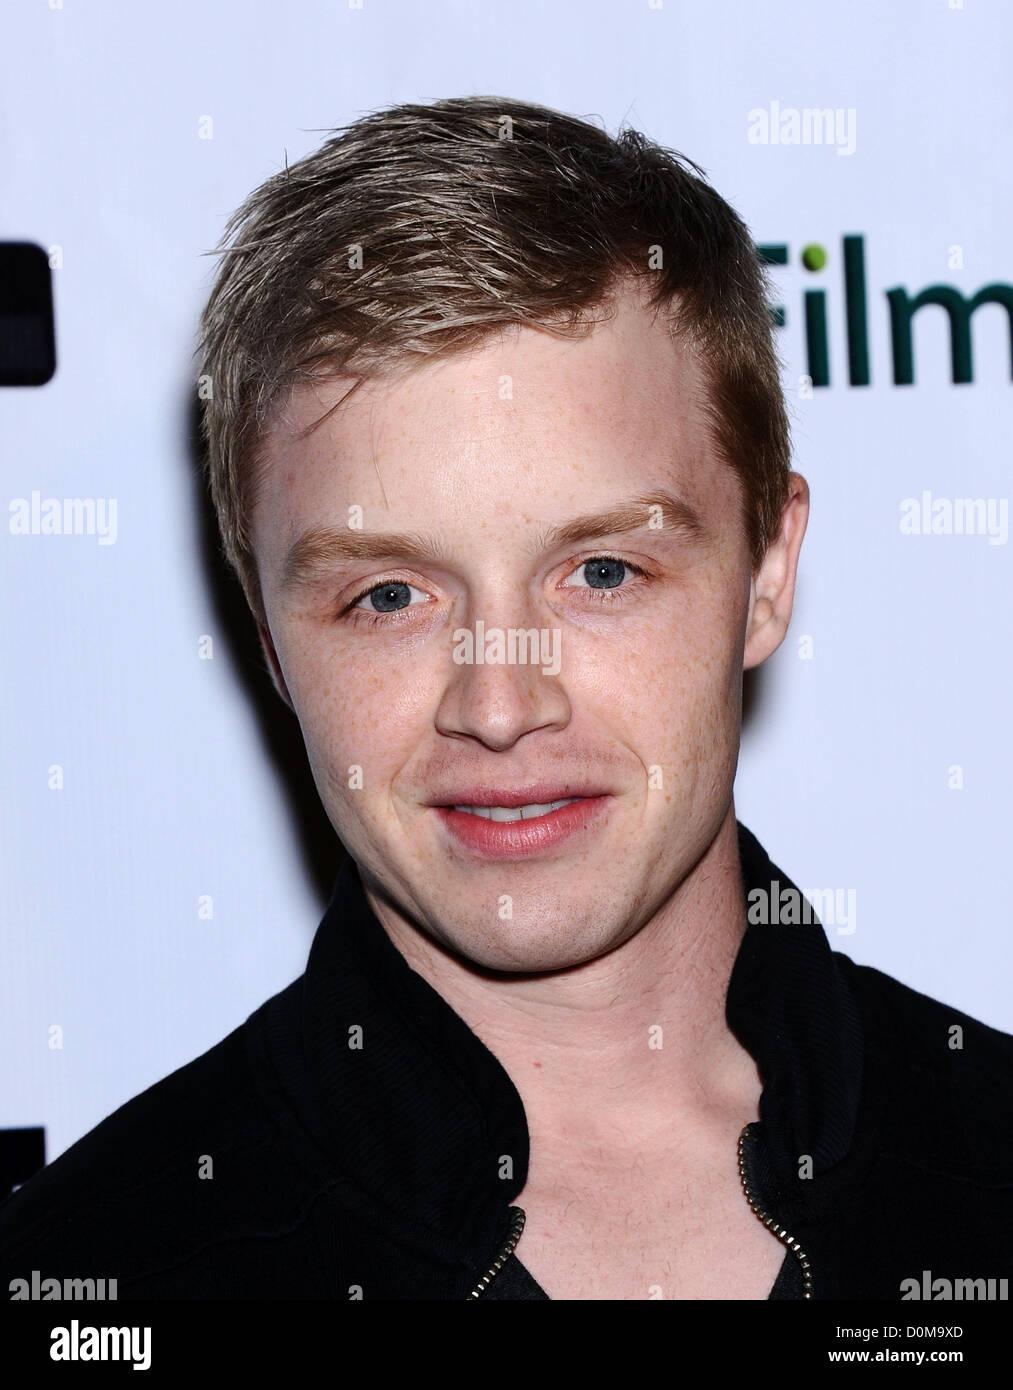 El 26 de noviembre, 2012 - Beverly Hills, California, EE.UU. - Noel Fisher llega para el estreno de la película Imagen De Stock